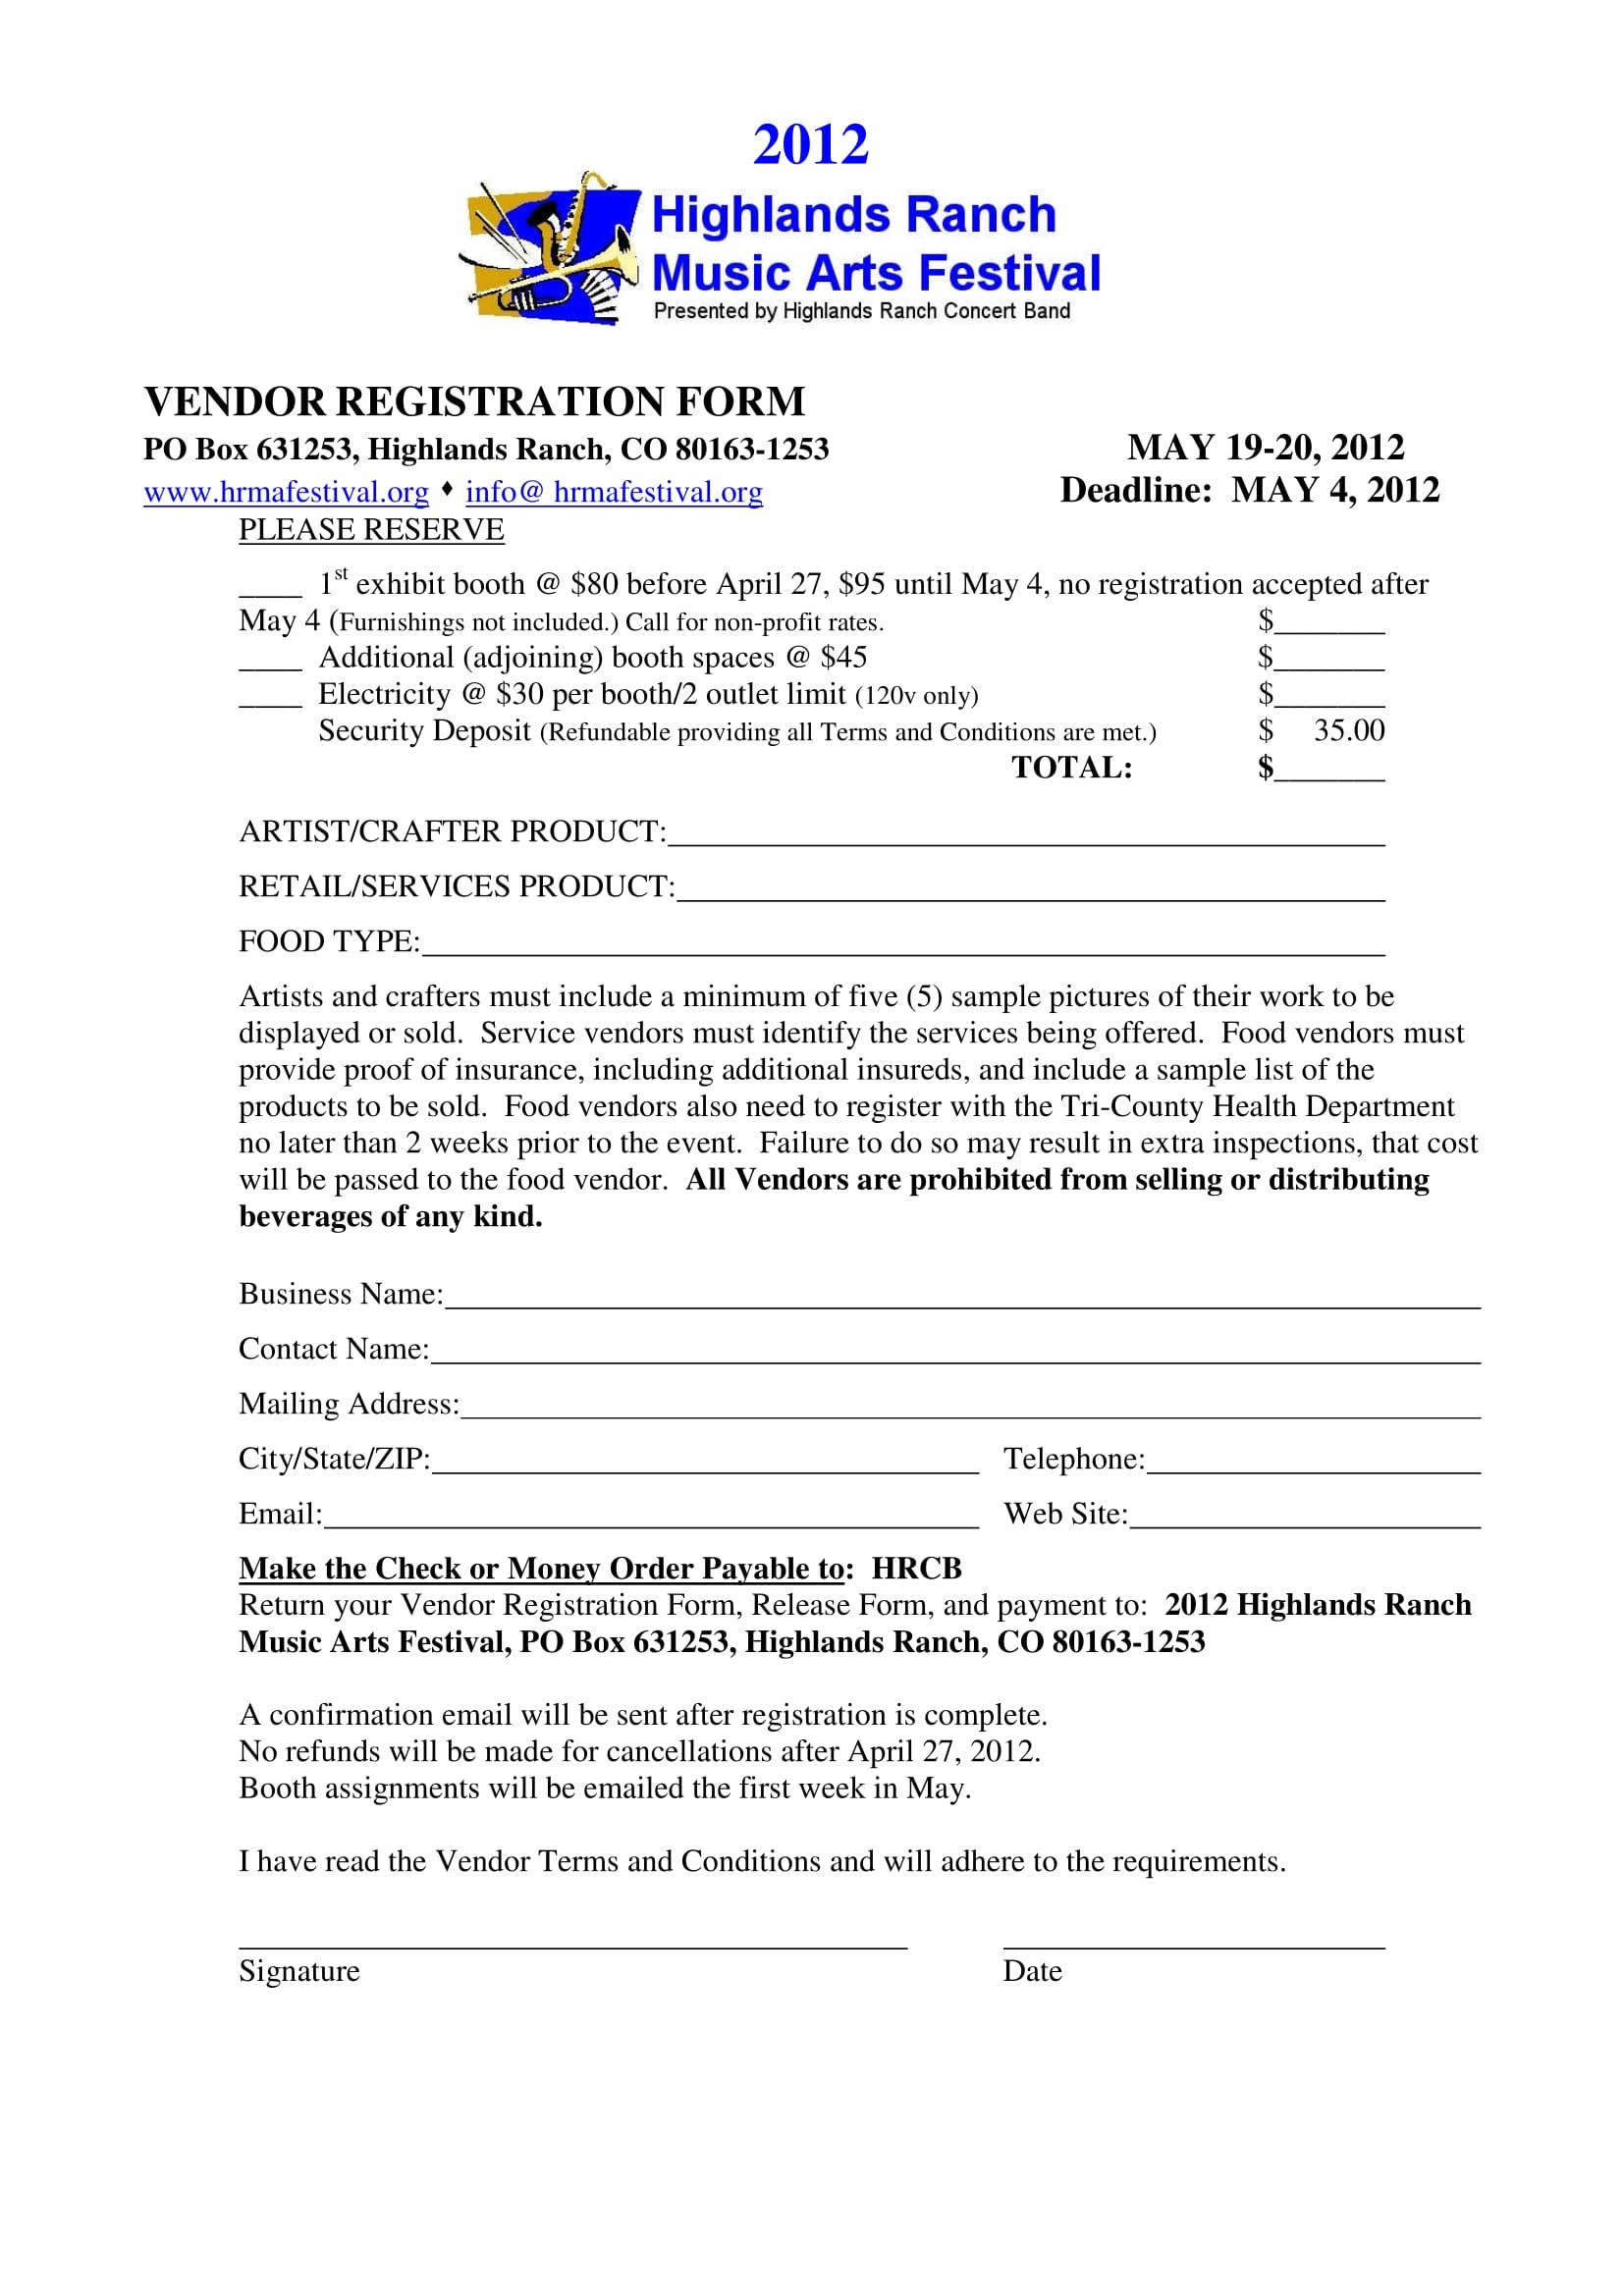 music festival event vendor registration form 1